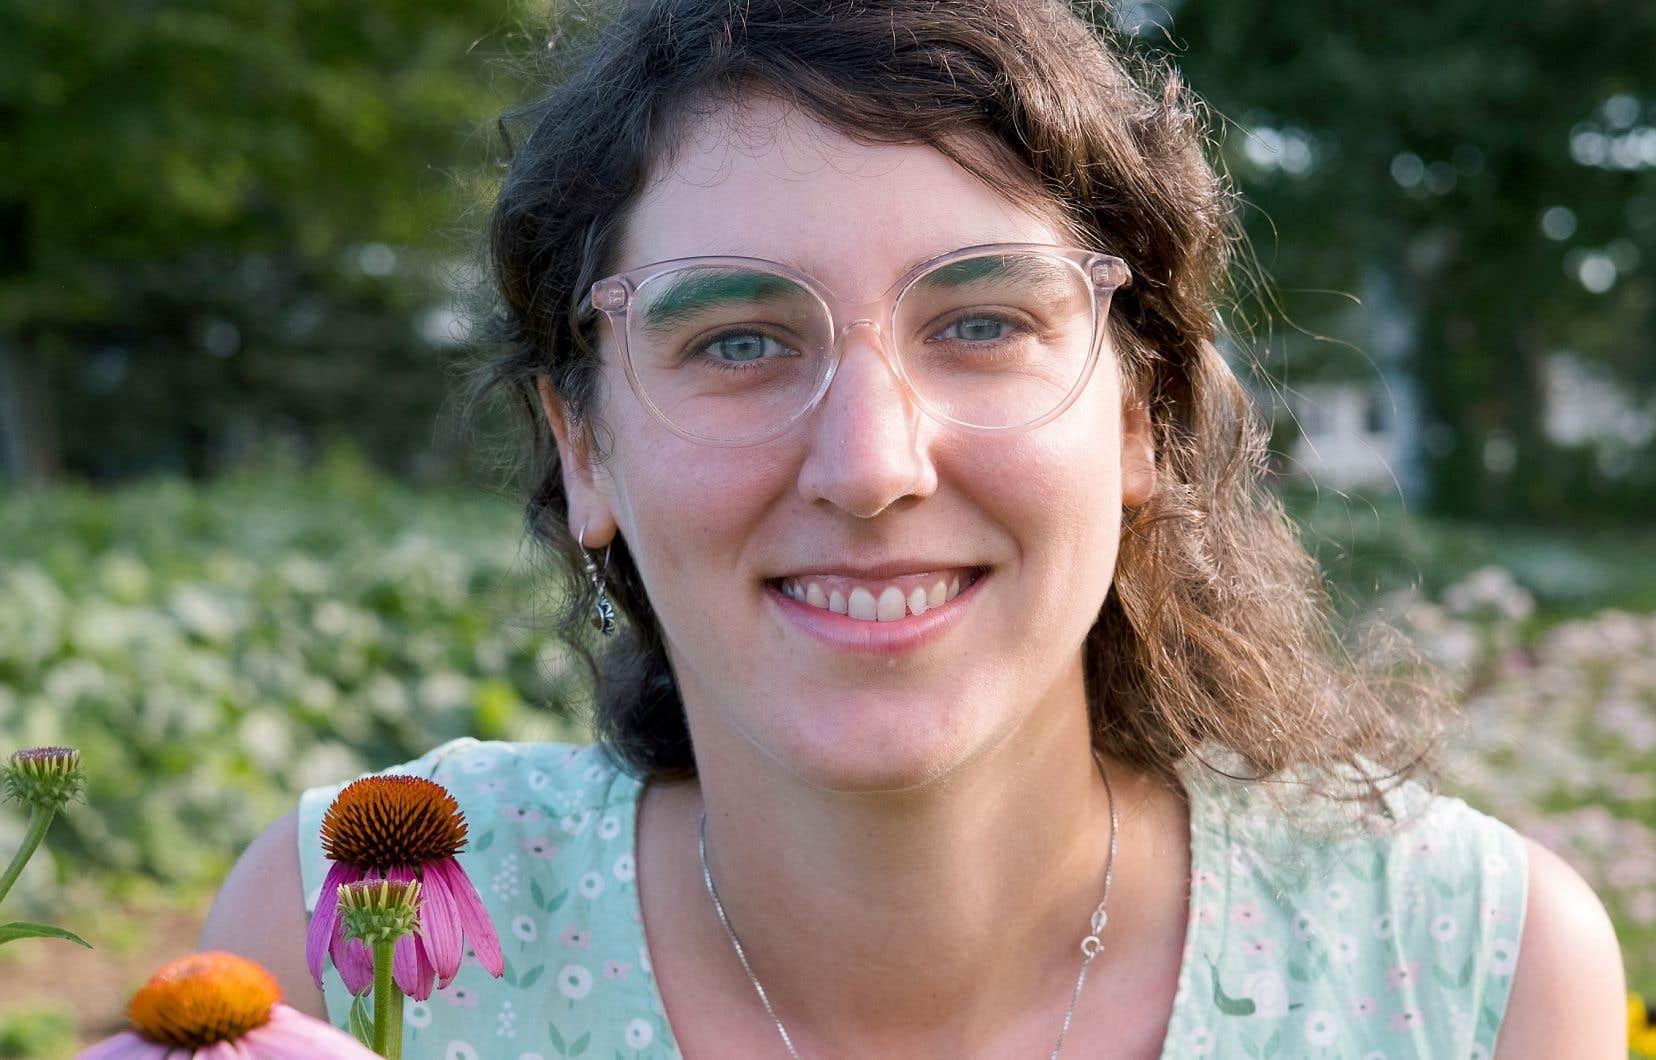 L'historienne et agricultrice Mia Dansereau-Ligtenberg a commencé à s'intéresser à la médecine par les plantes durant sa jeunesse, un savoir que sa mère lui a transmis et qu'elle a cultivé avec un groupe d'amies au secondaire.